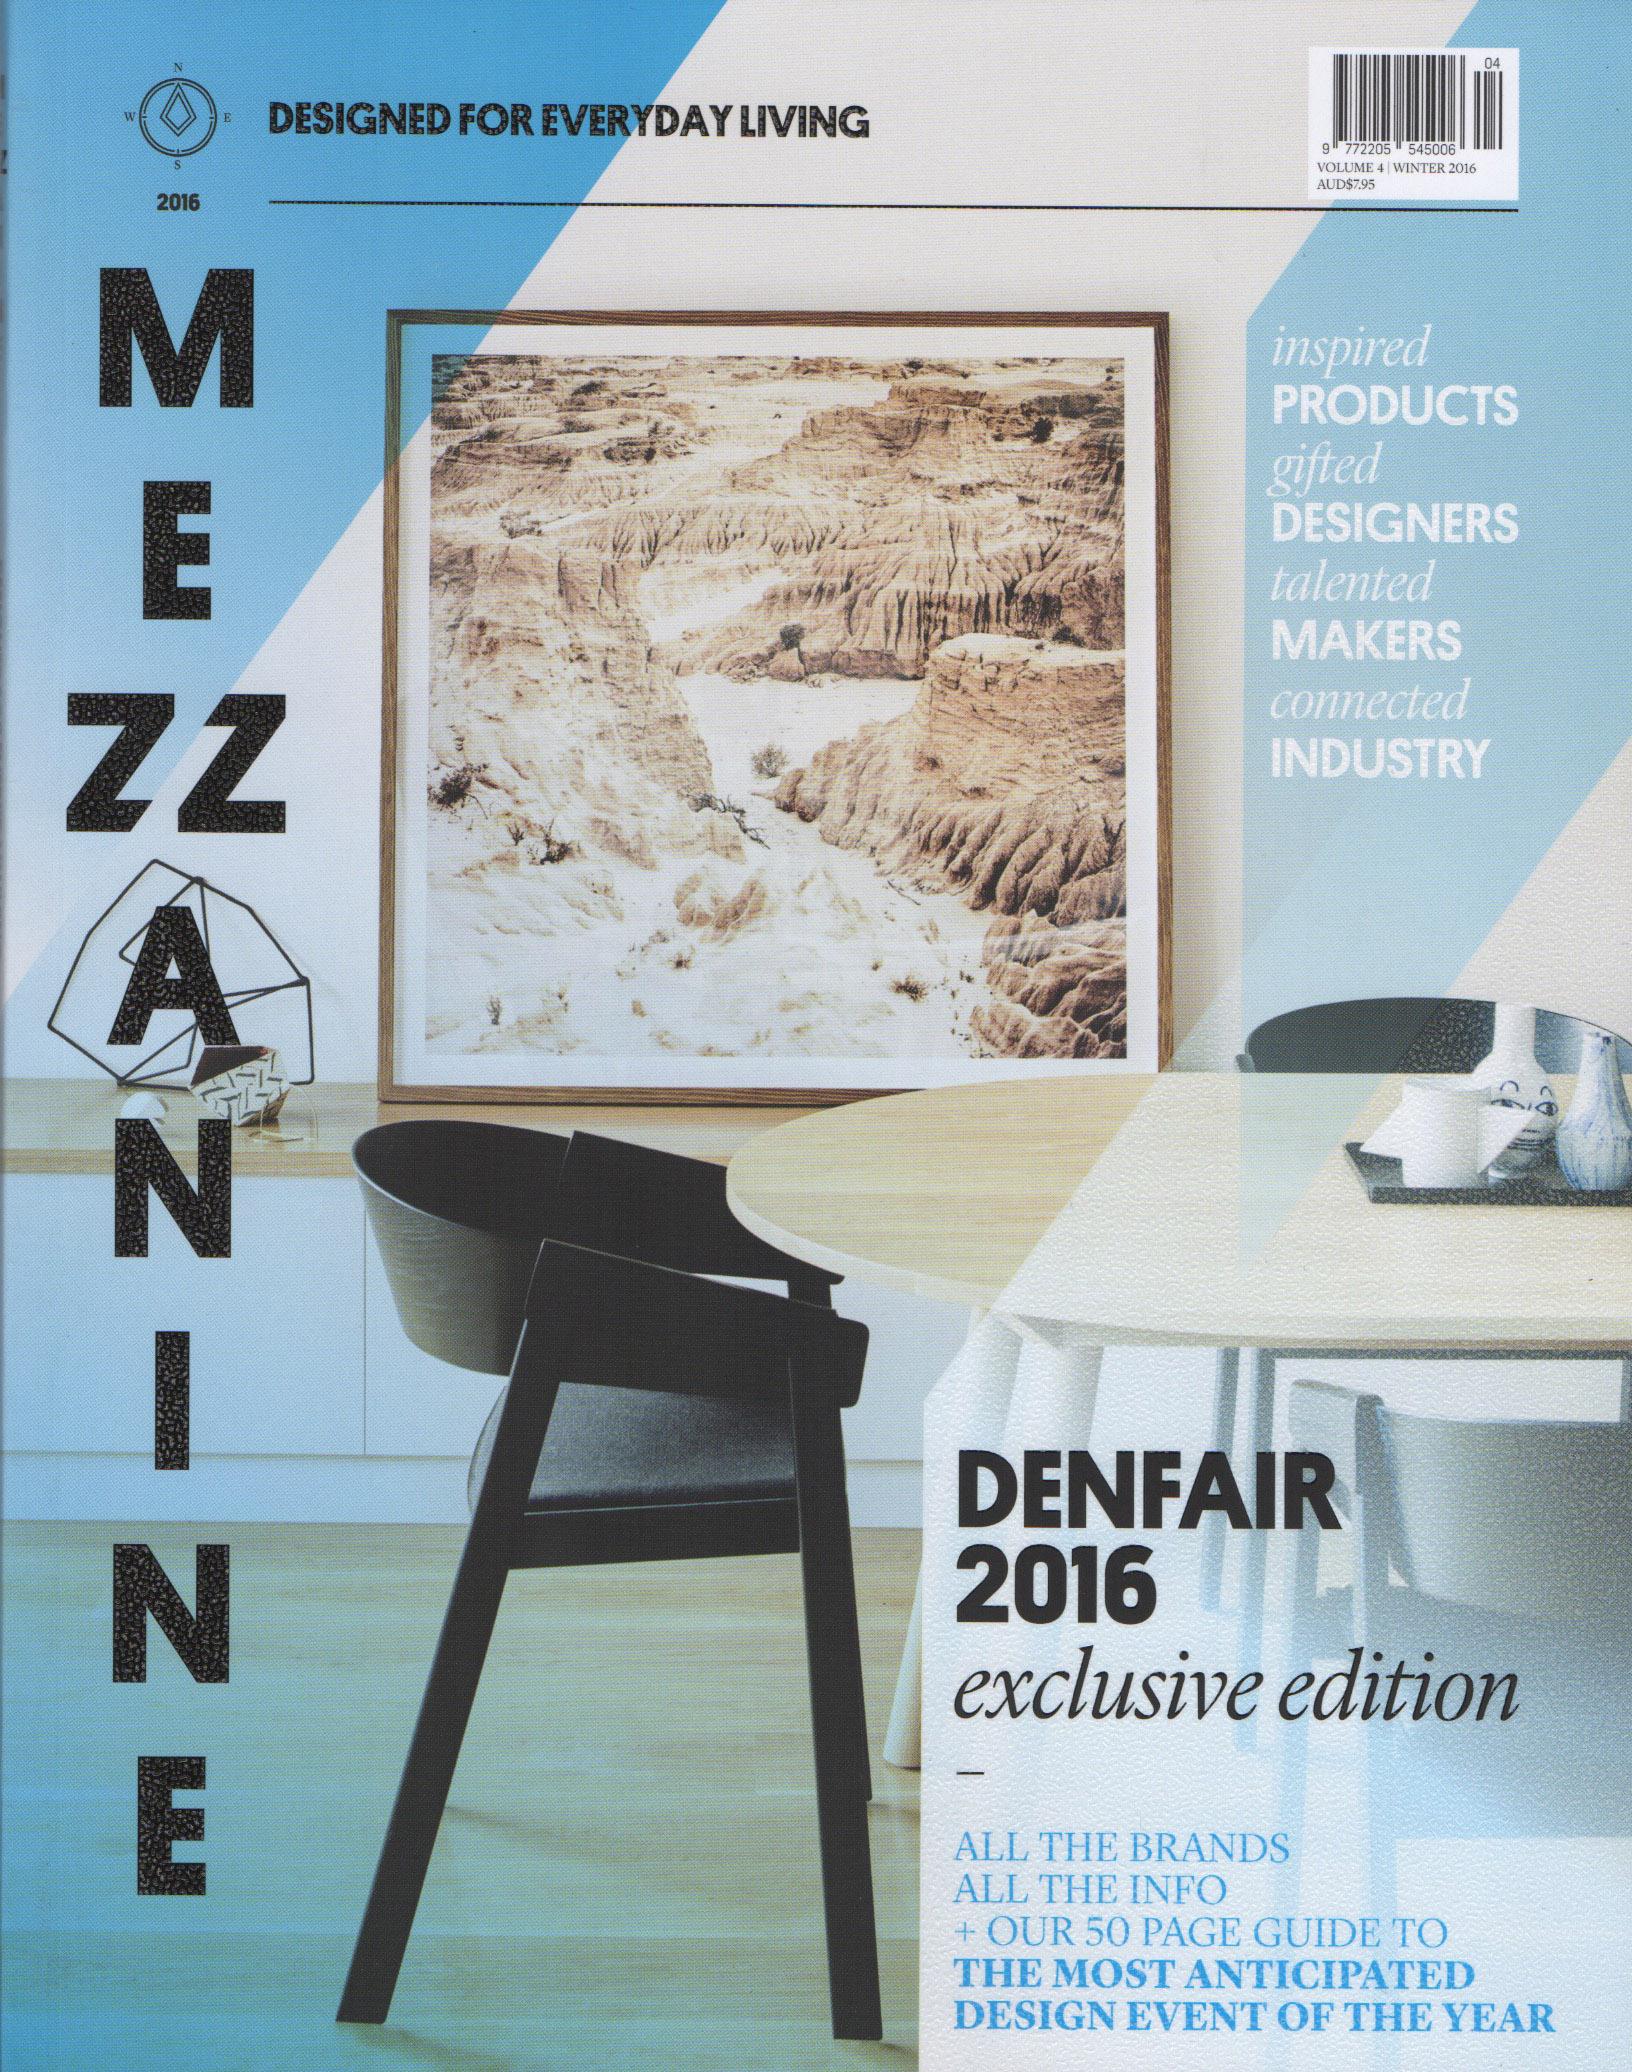 Ilanel - Mezzanine - Issue 4 - Cover.jpg